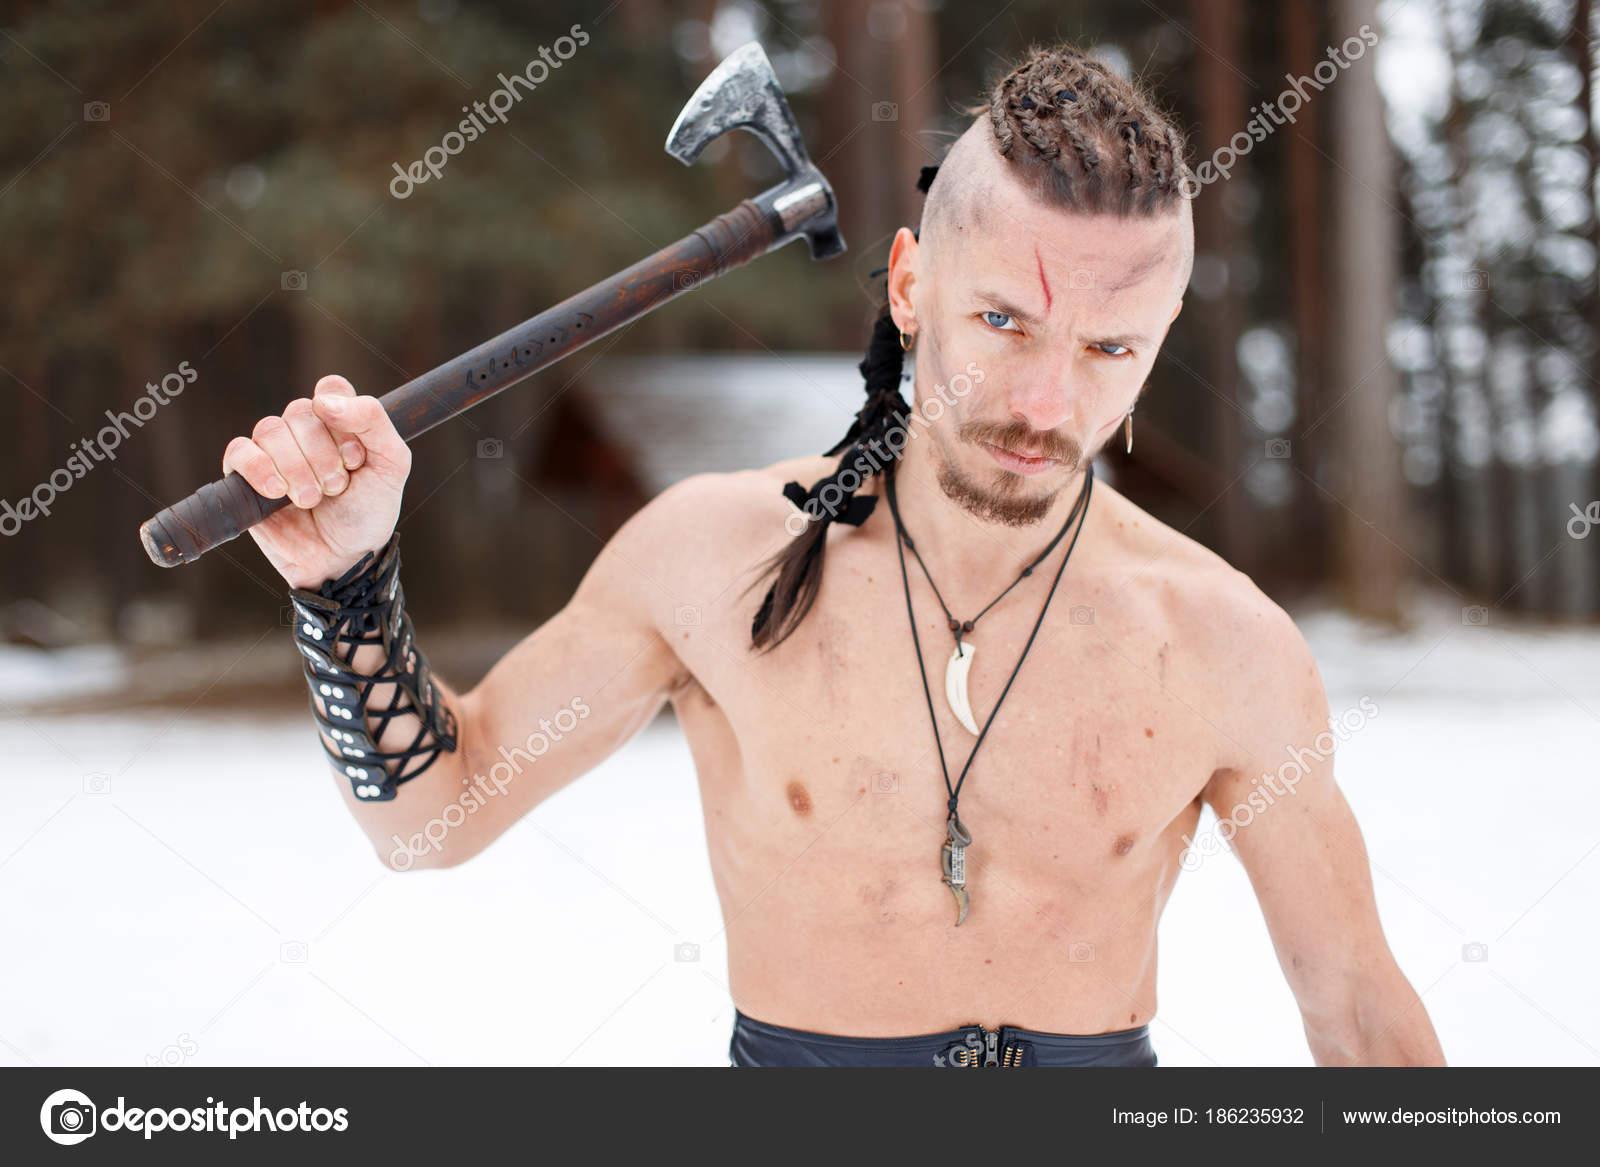 Viking Mann Ein Krieger Mit Einem Nackten Oberkörper Mit Einer Axt